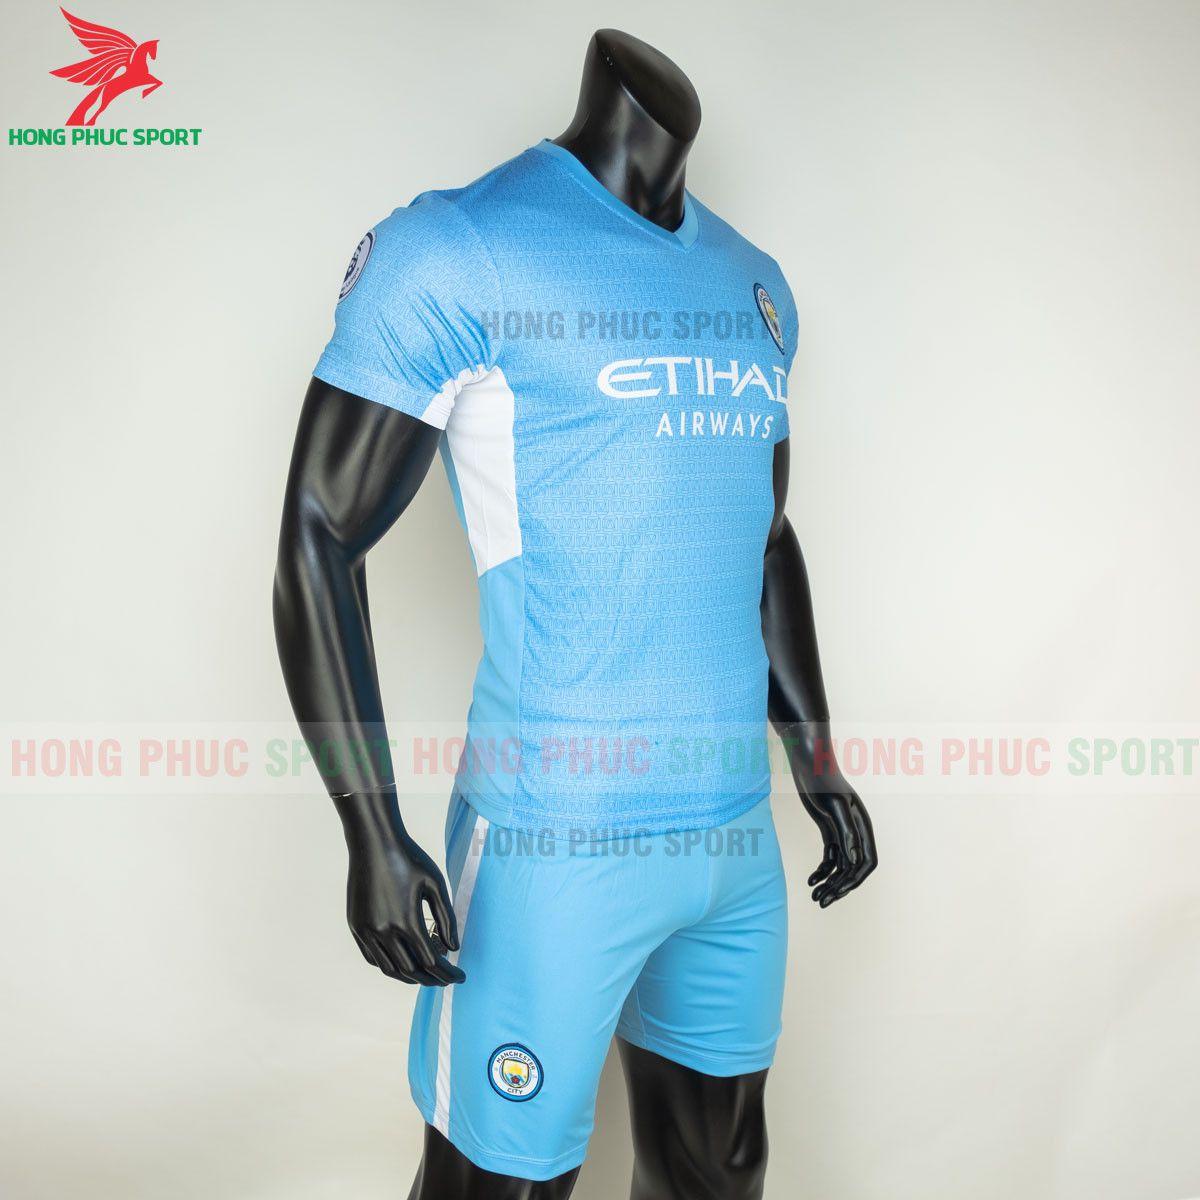 https://cdn.hongphucsport.com/unsafe/s4.shopbay.vn/files/285/ao-bong-da-manchester-city-2021-2022-san-nha-6-60d30162b75ff.jpg